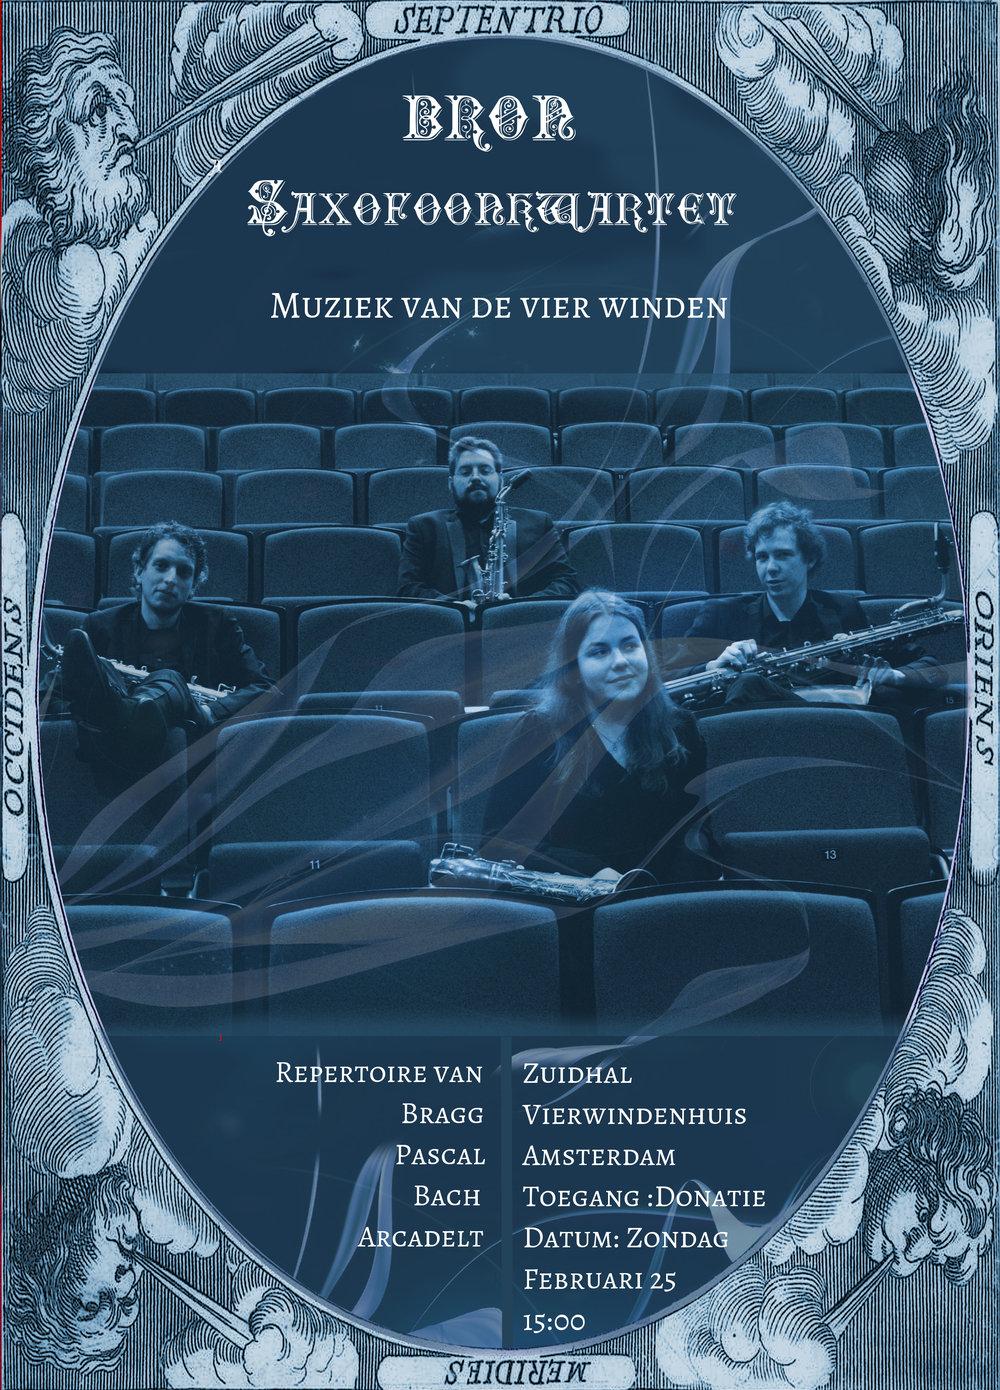 Vierwindenhuis Concert - Bron Saxofoonkwartet - Februari 25 2018.jpg